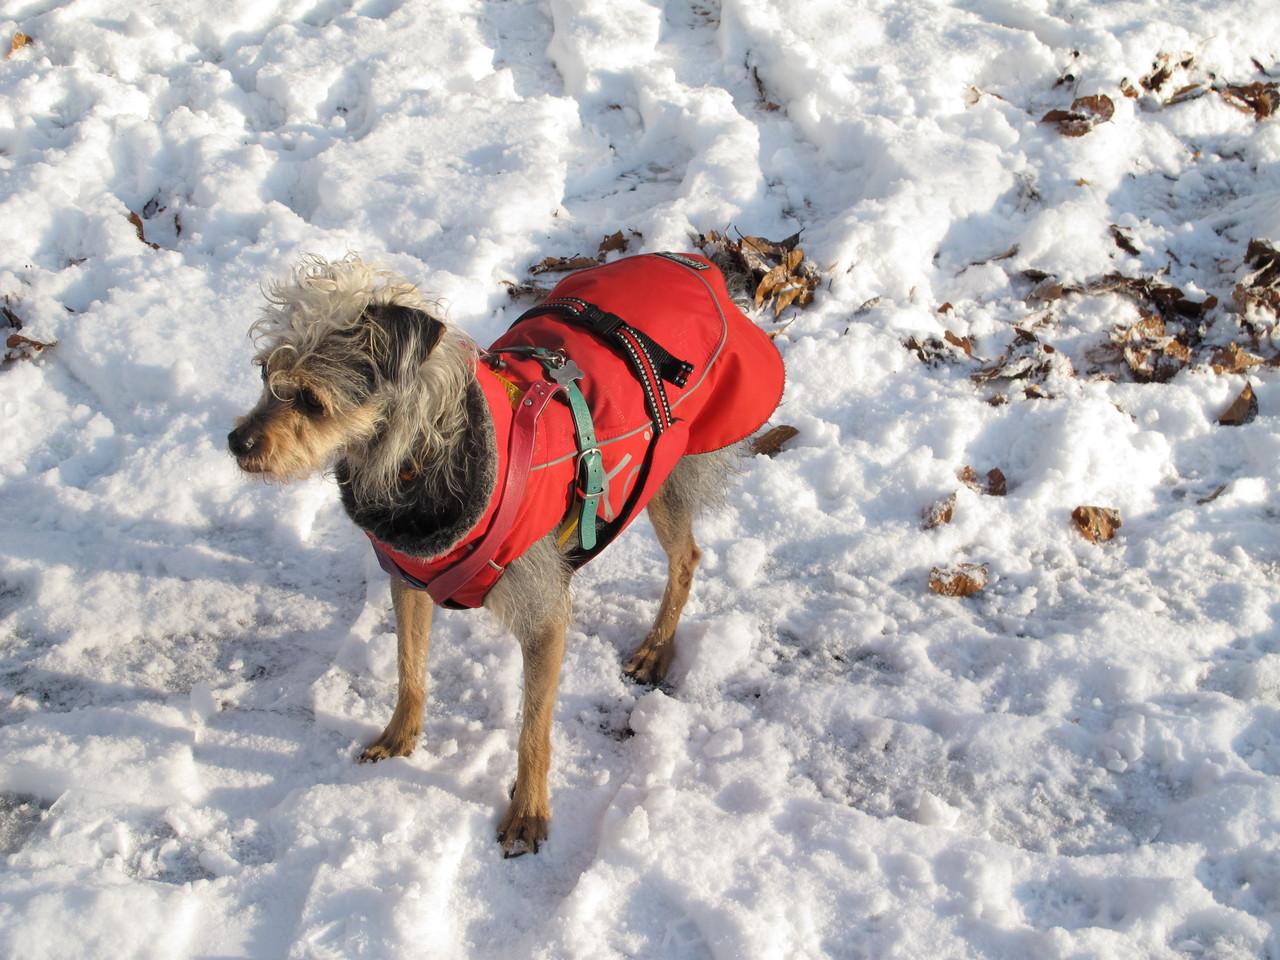 Paris liebt den Schnee nicht wirklich, trotz Mantel.